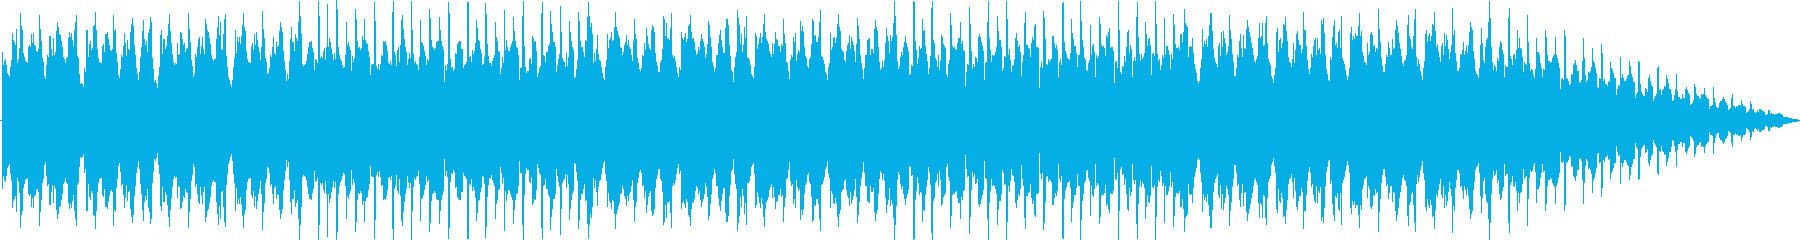 ほのぼのしたRPG世界観のチップチューンの再生済みの波形